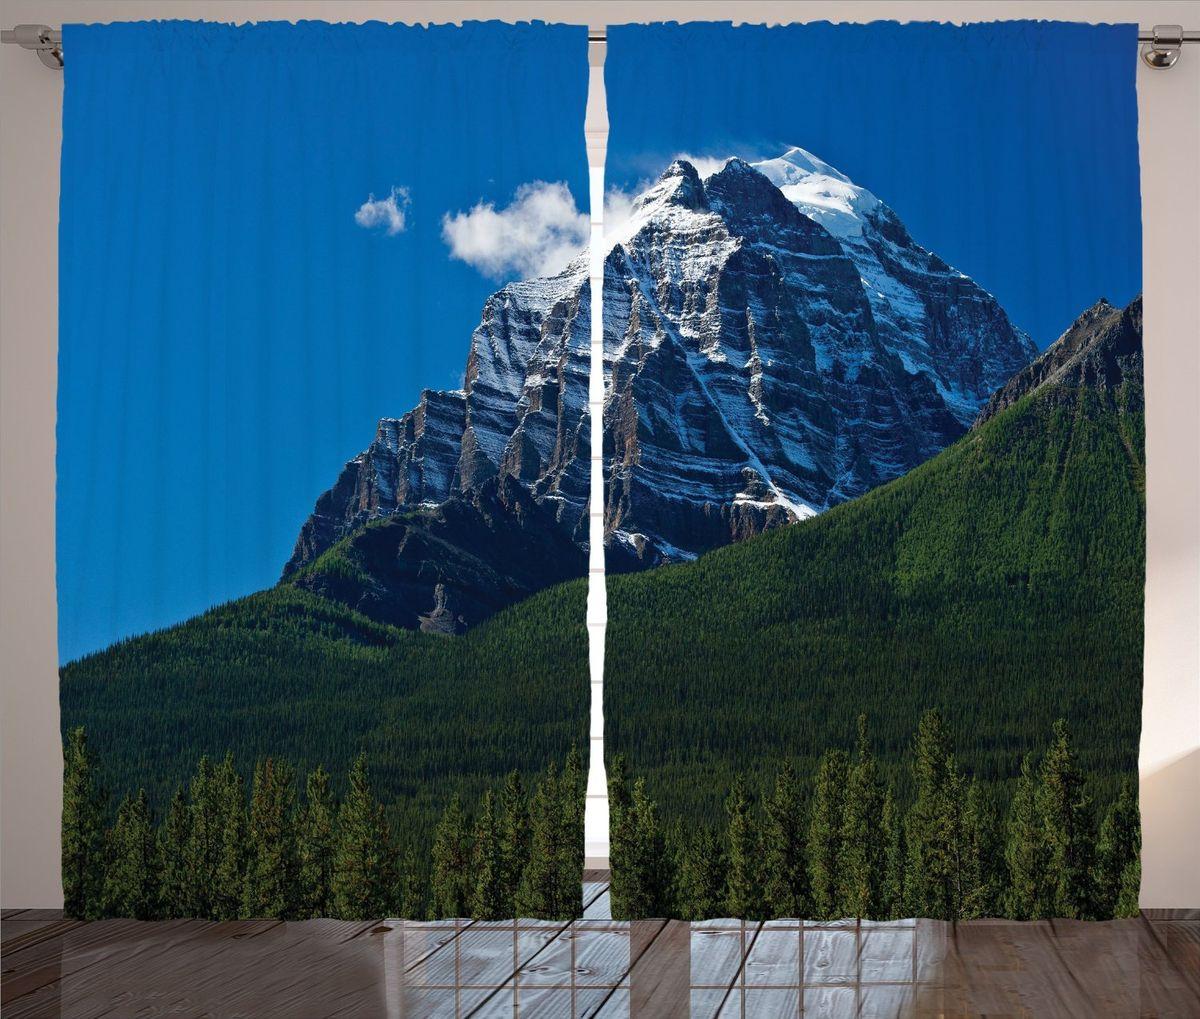 Комплект фотоштор Magic Lady Заснеженная гора, на ленте, высота 265 см фотошторы magic lady плотные фотошторы две хамсы 290 265 см